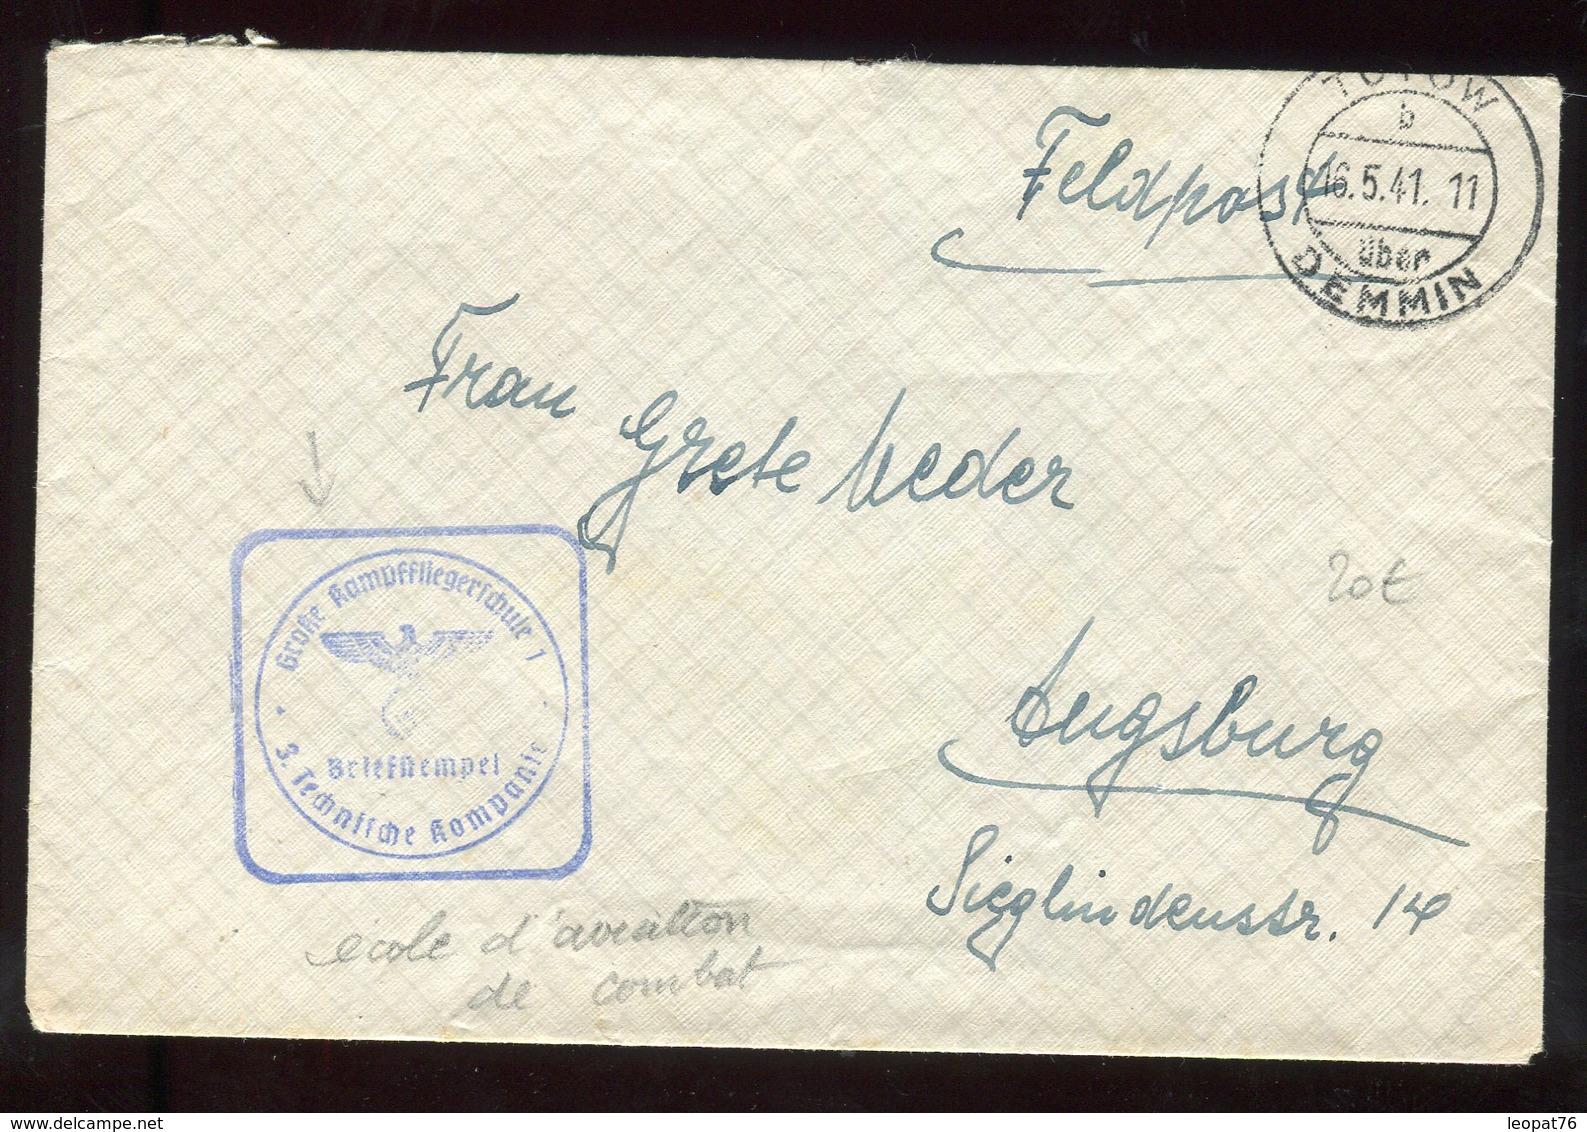 Allemagne - Enveloppe En Feldpost ( école D 'aviation De Combat ) De Tutow En 1941 - N307 - Deutschland